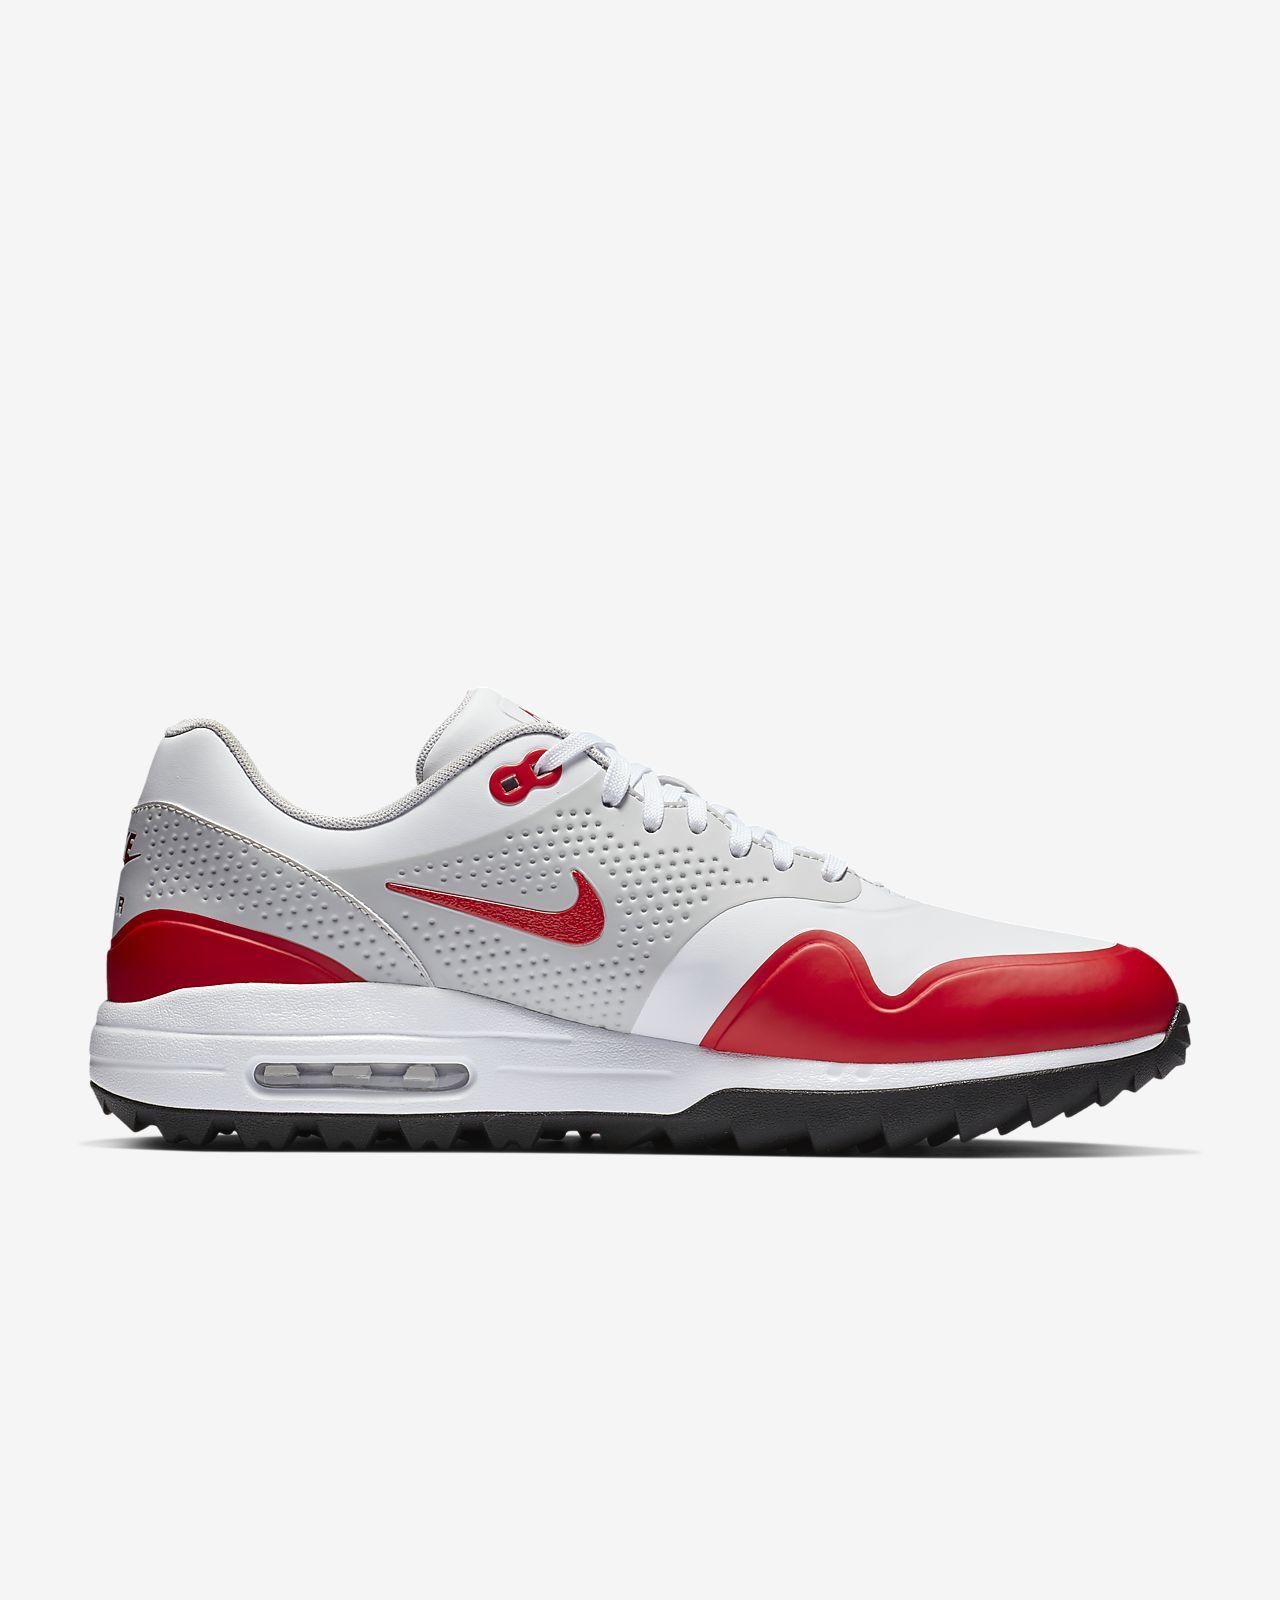 c81766b4d675 Nike Air Max 1 G Men s Golf Shoe. Nike.com